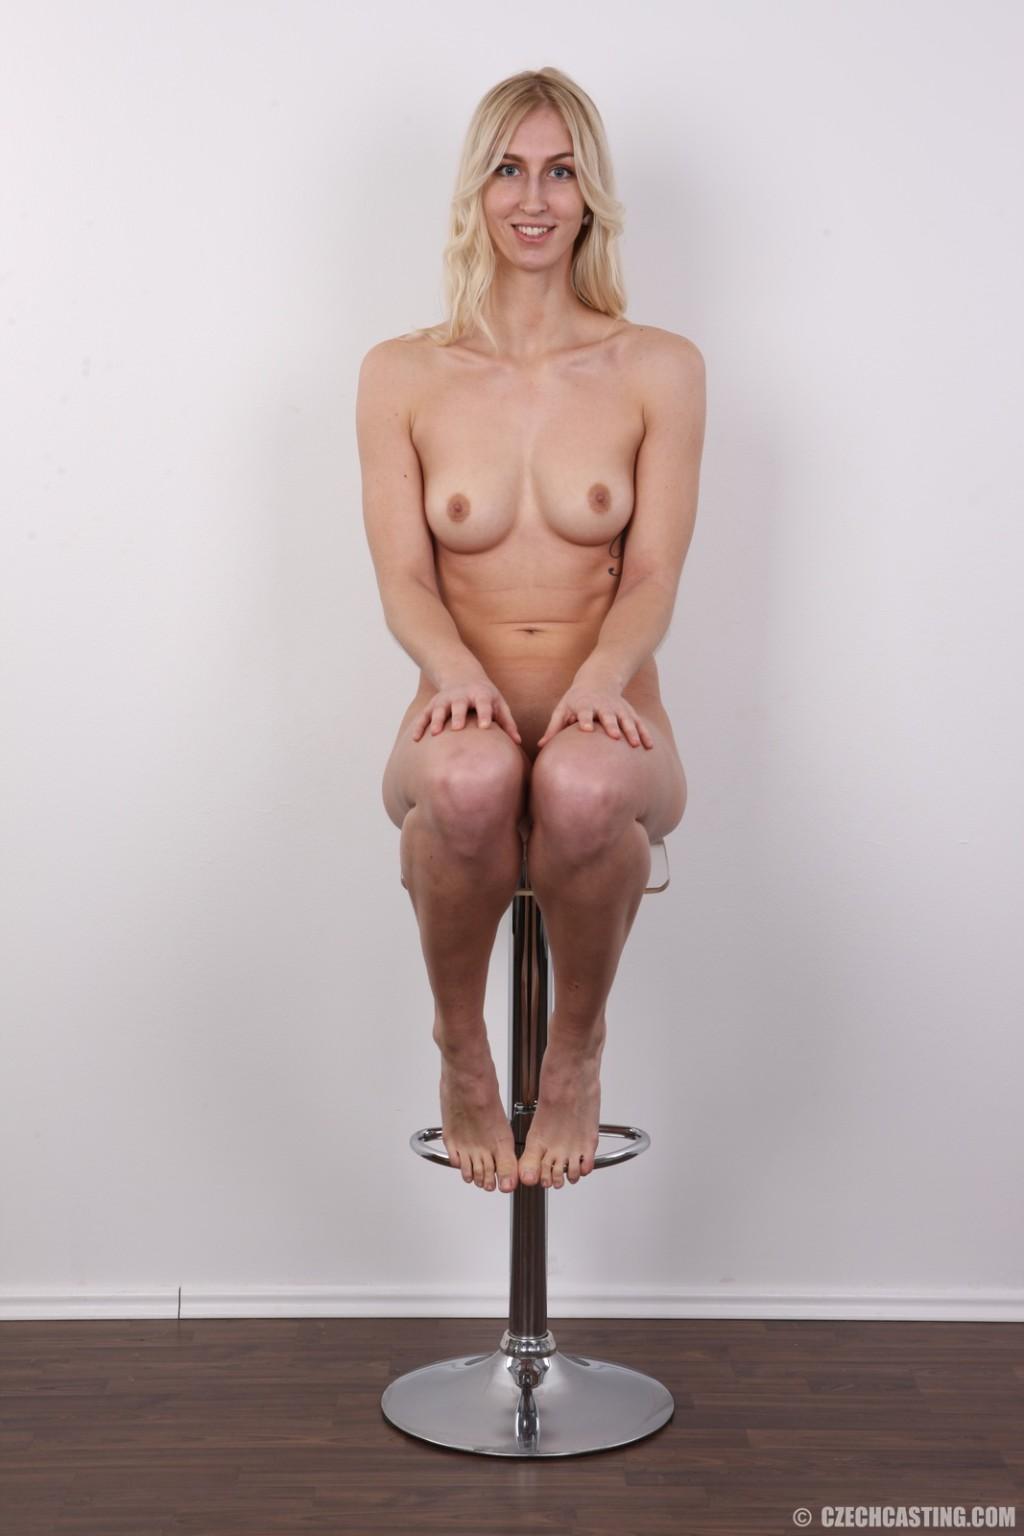 Высокая девушка стоит голая на порнокастинге